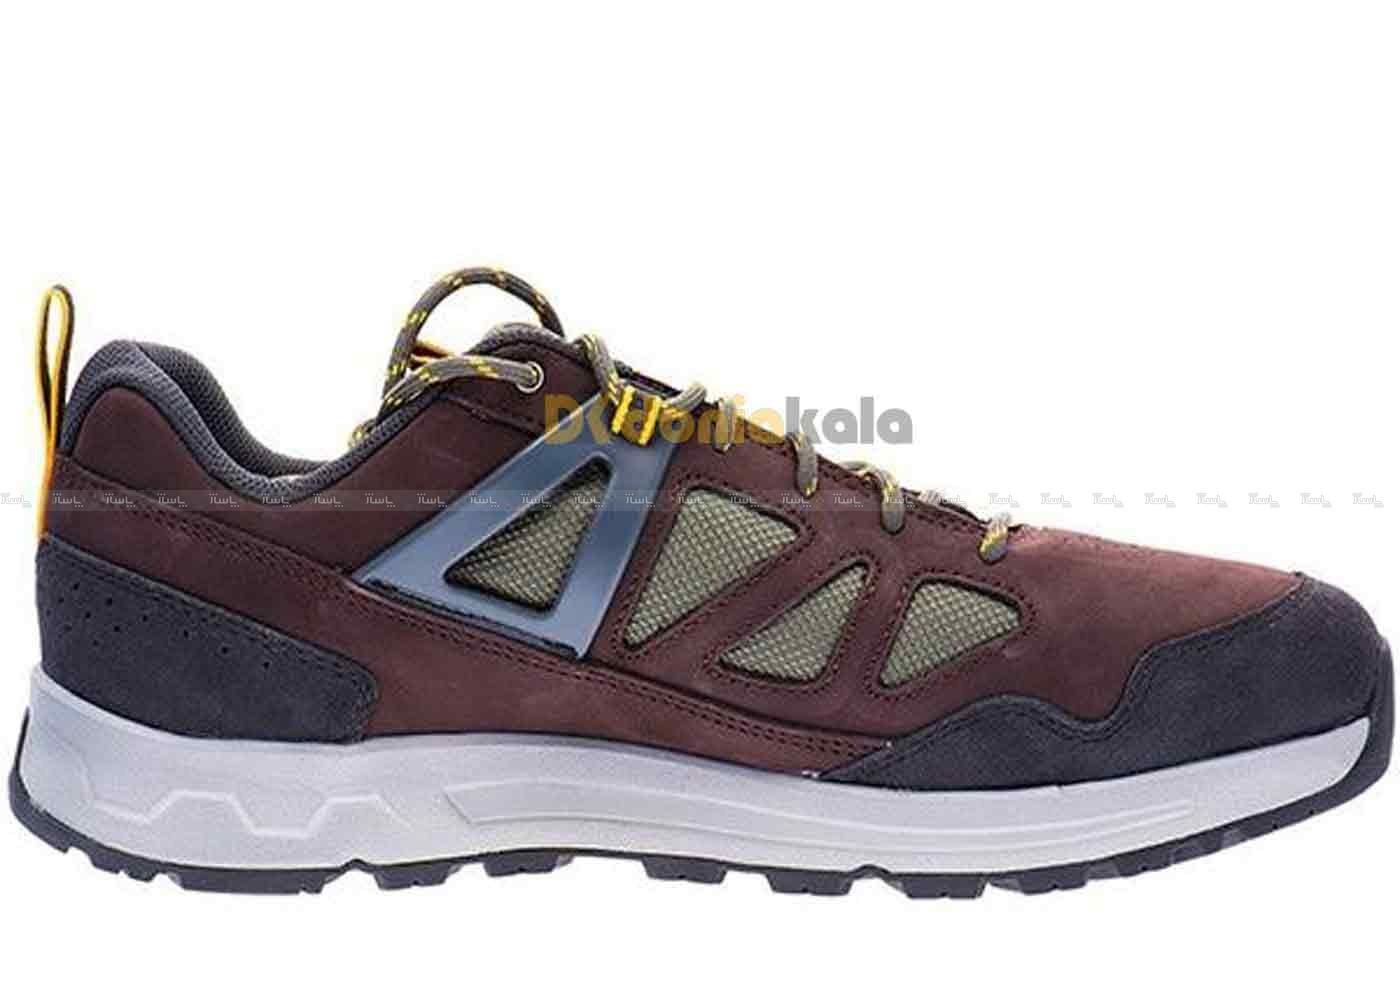 کفش پیاده روی و اسپرت مردانه سالامون اینستینکت پرو Salomon Instinct Pro Ltr 369061-تصویر اصلی